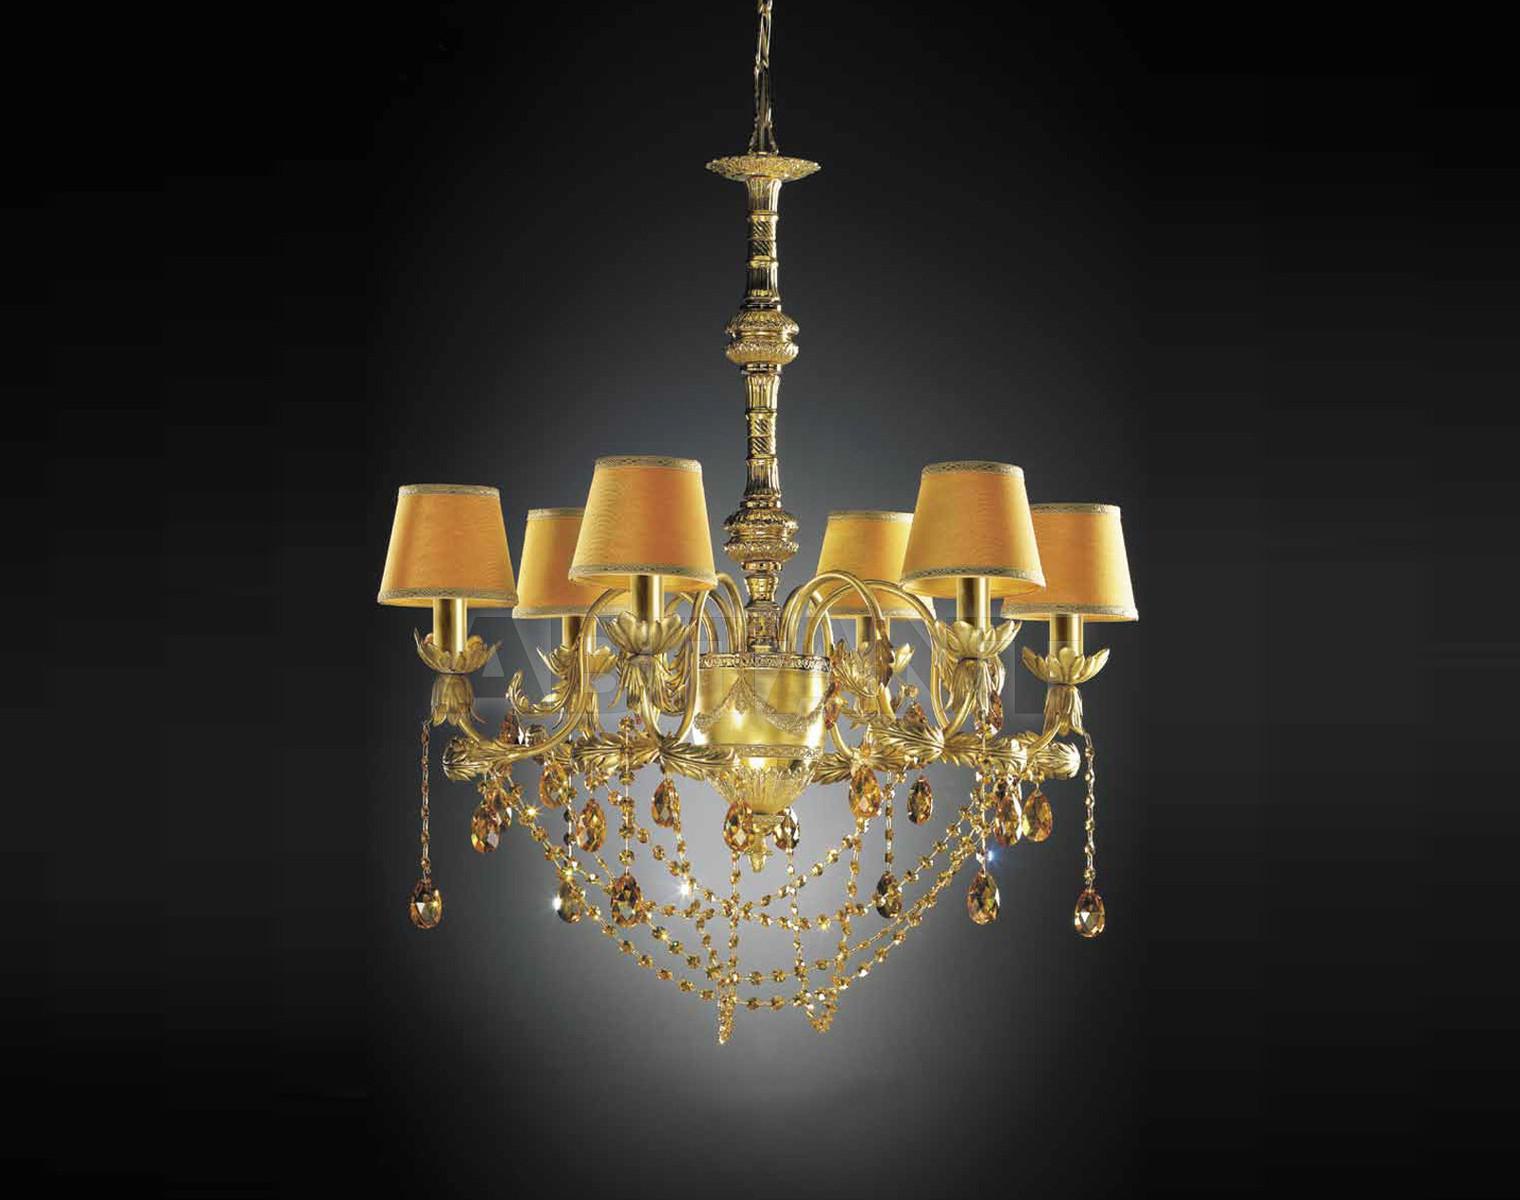 Купить Люстра Villari Home And Lights 4021348-100